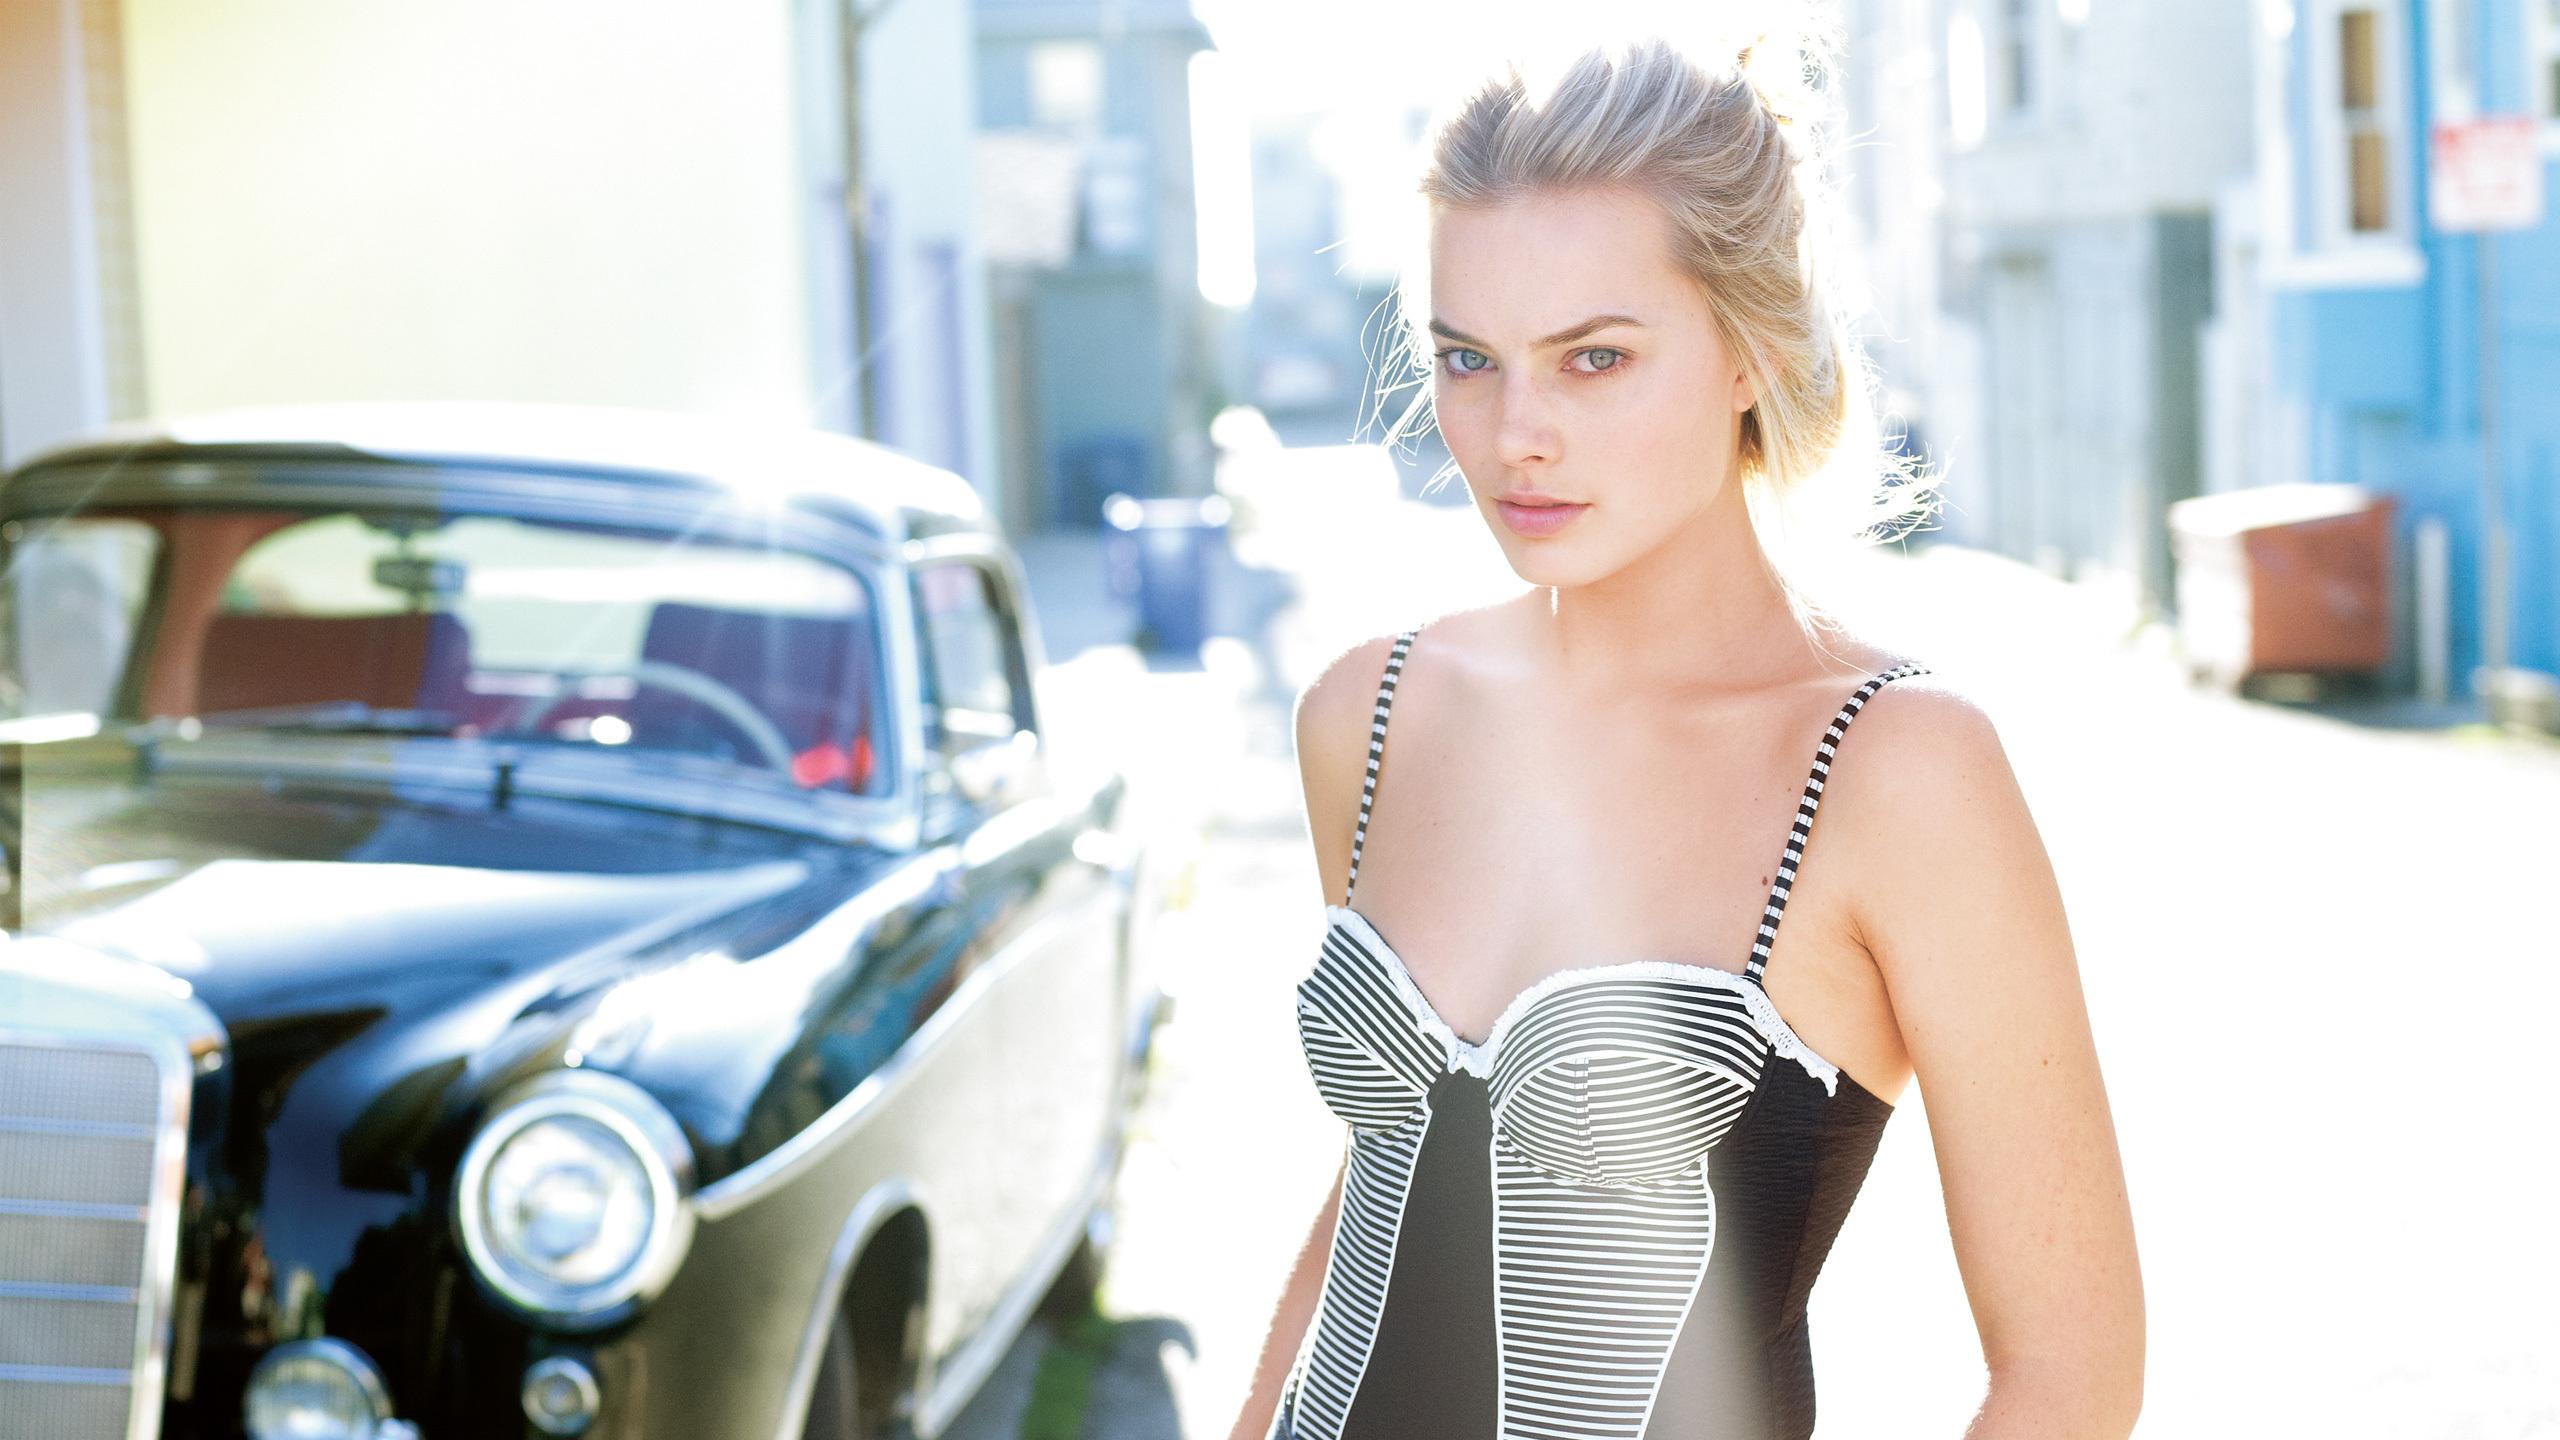 Margot Robbie 2016 HD